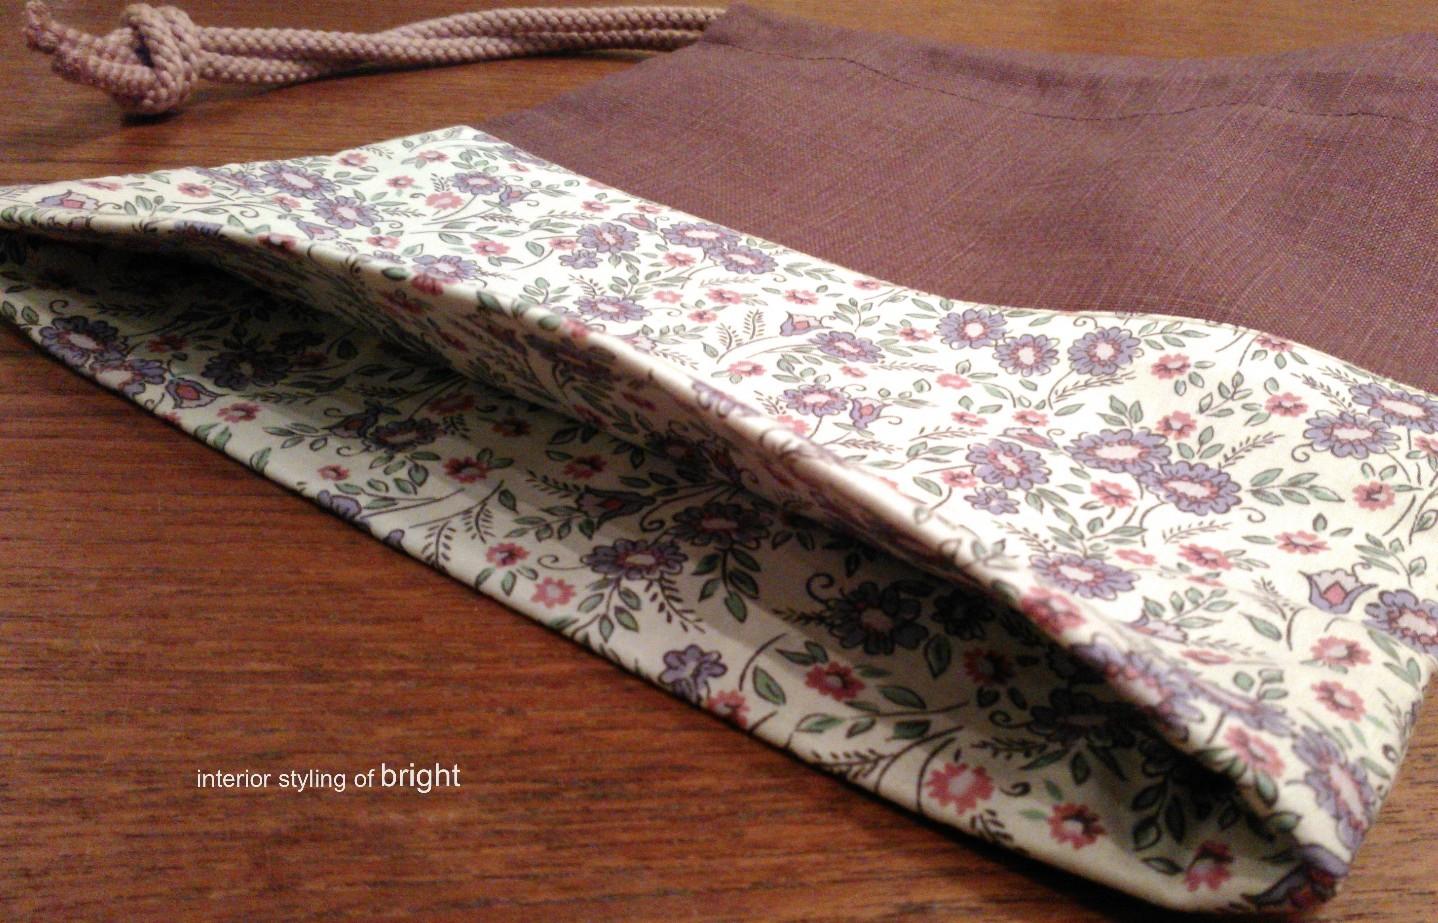 巾着の製作 ウィリアムモリス正規販売店のブライト_c0157866_17320652.jpg